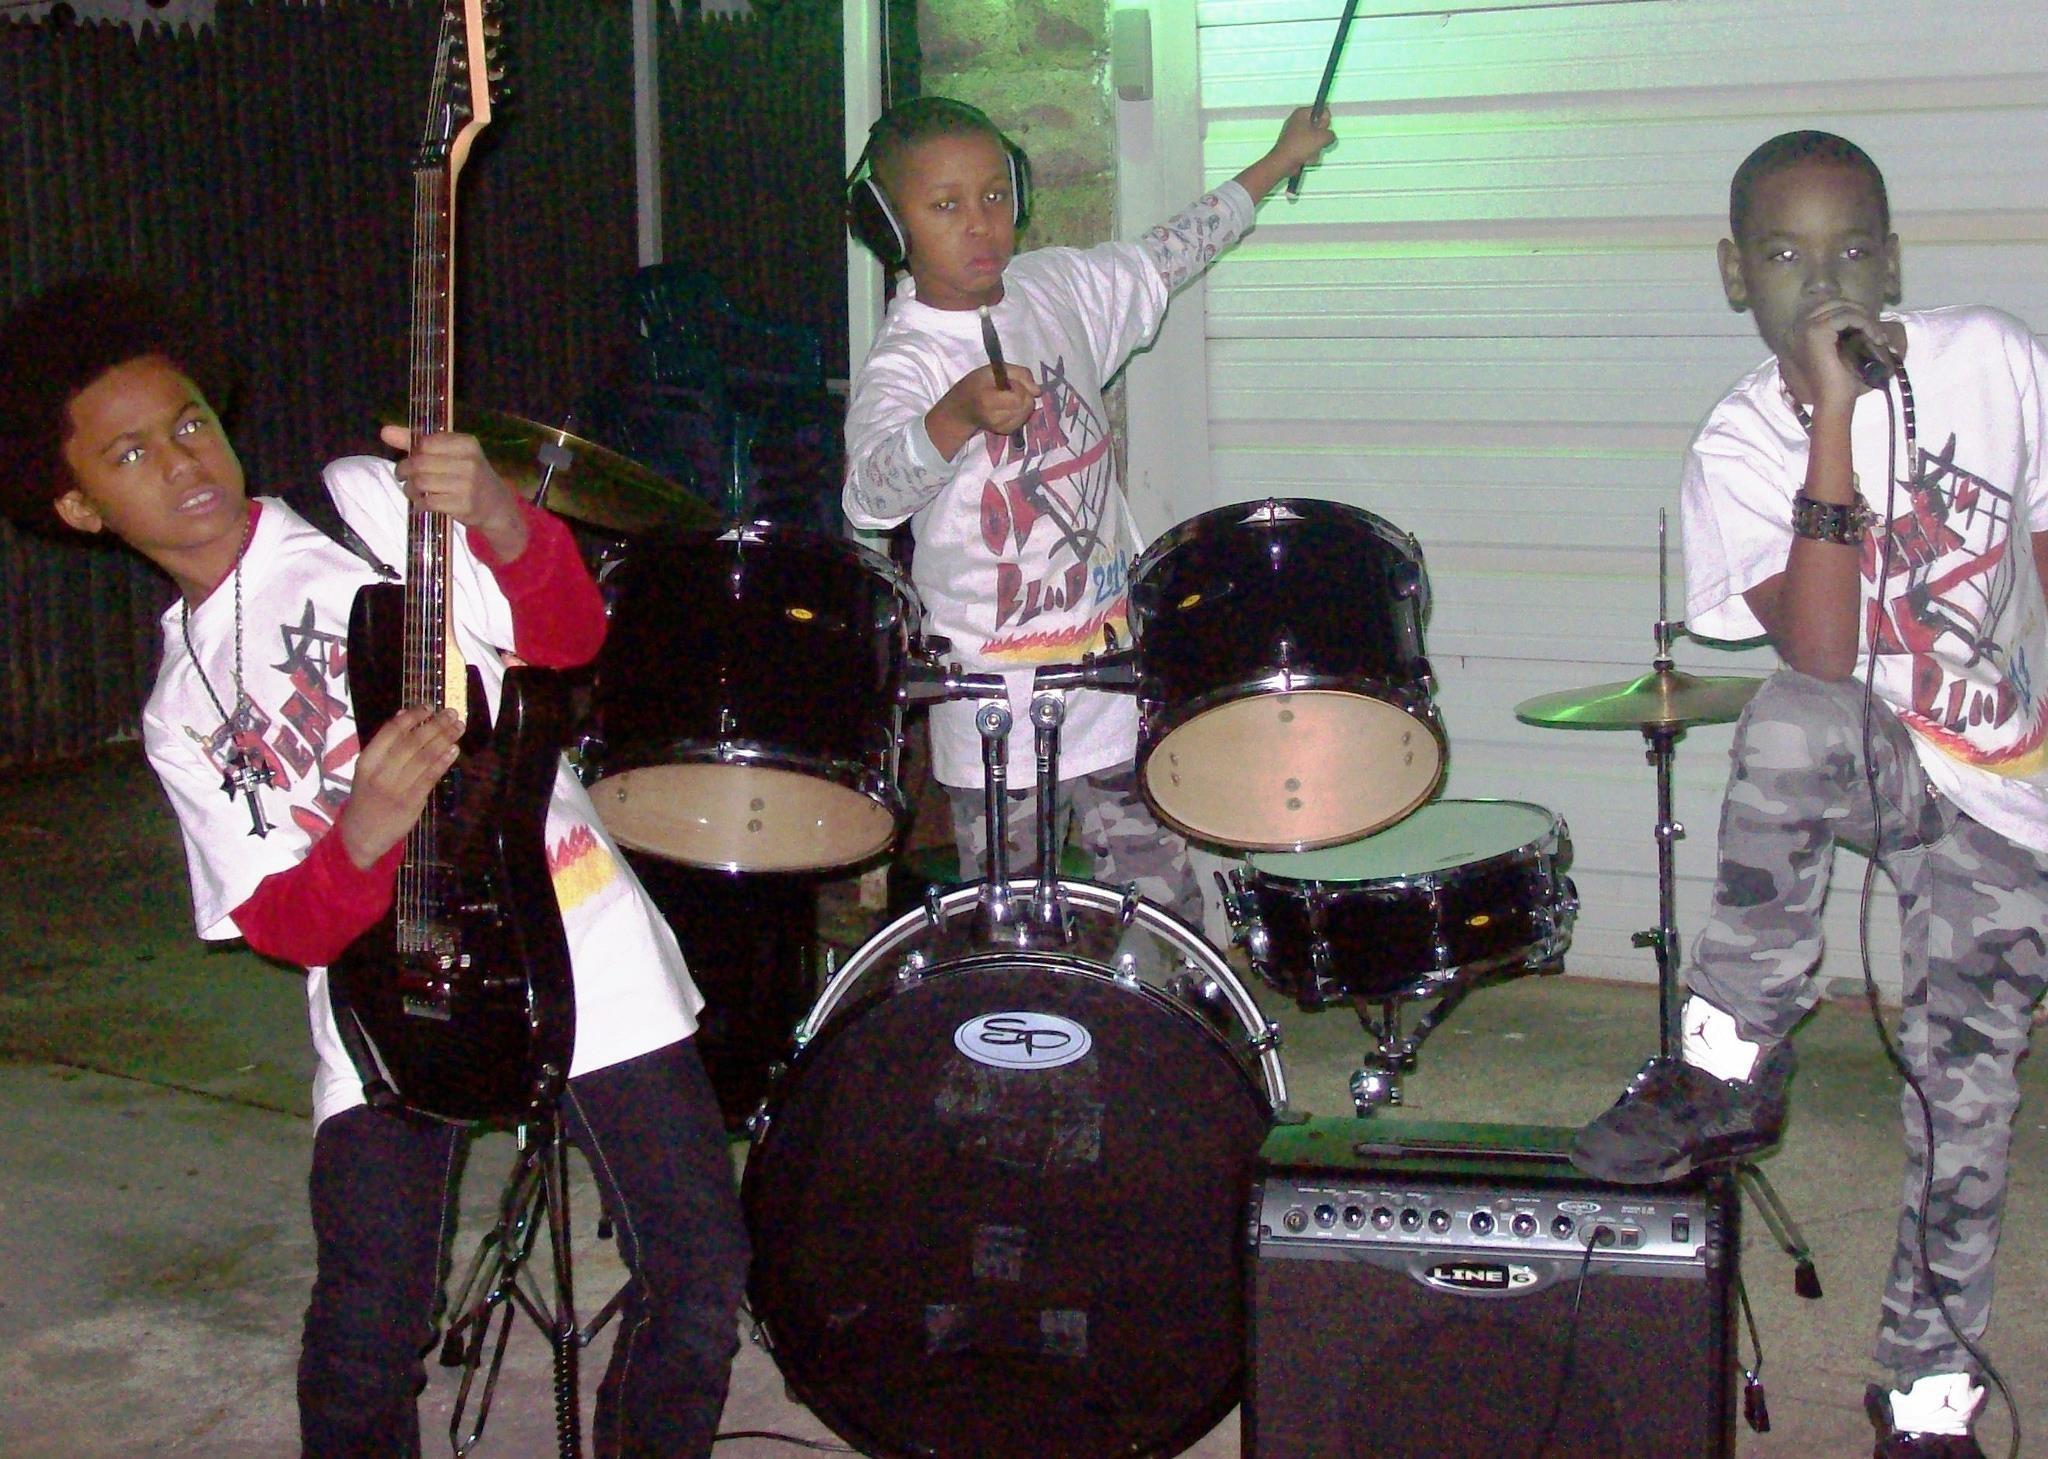 A banda Unbreaking The Truth, no incio da carreira (Foto: Reproduo/Facebook)